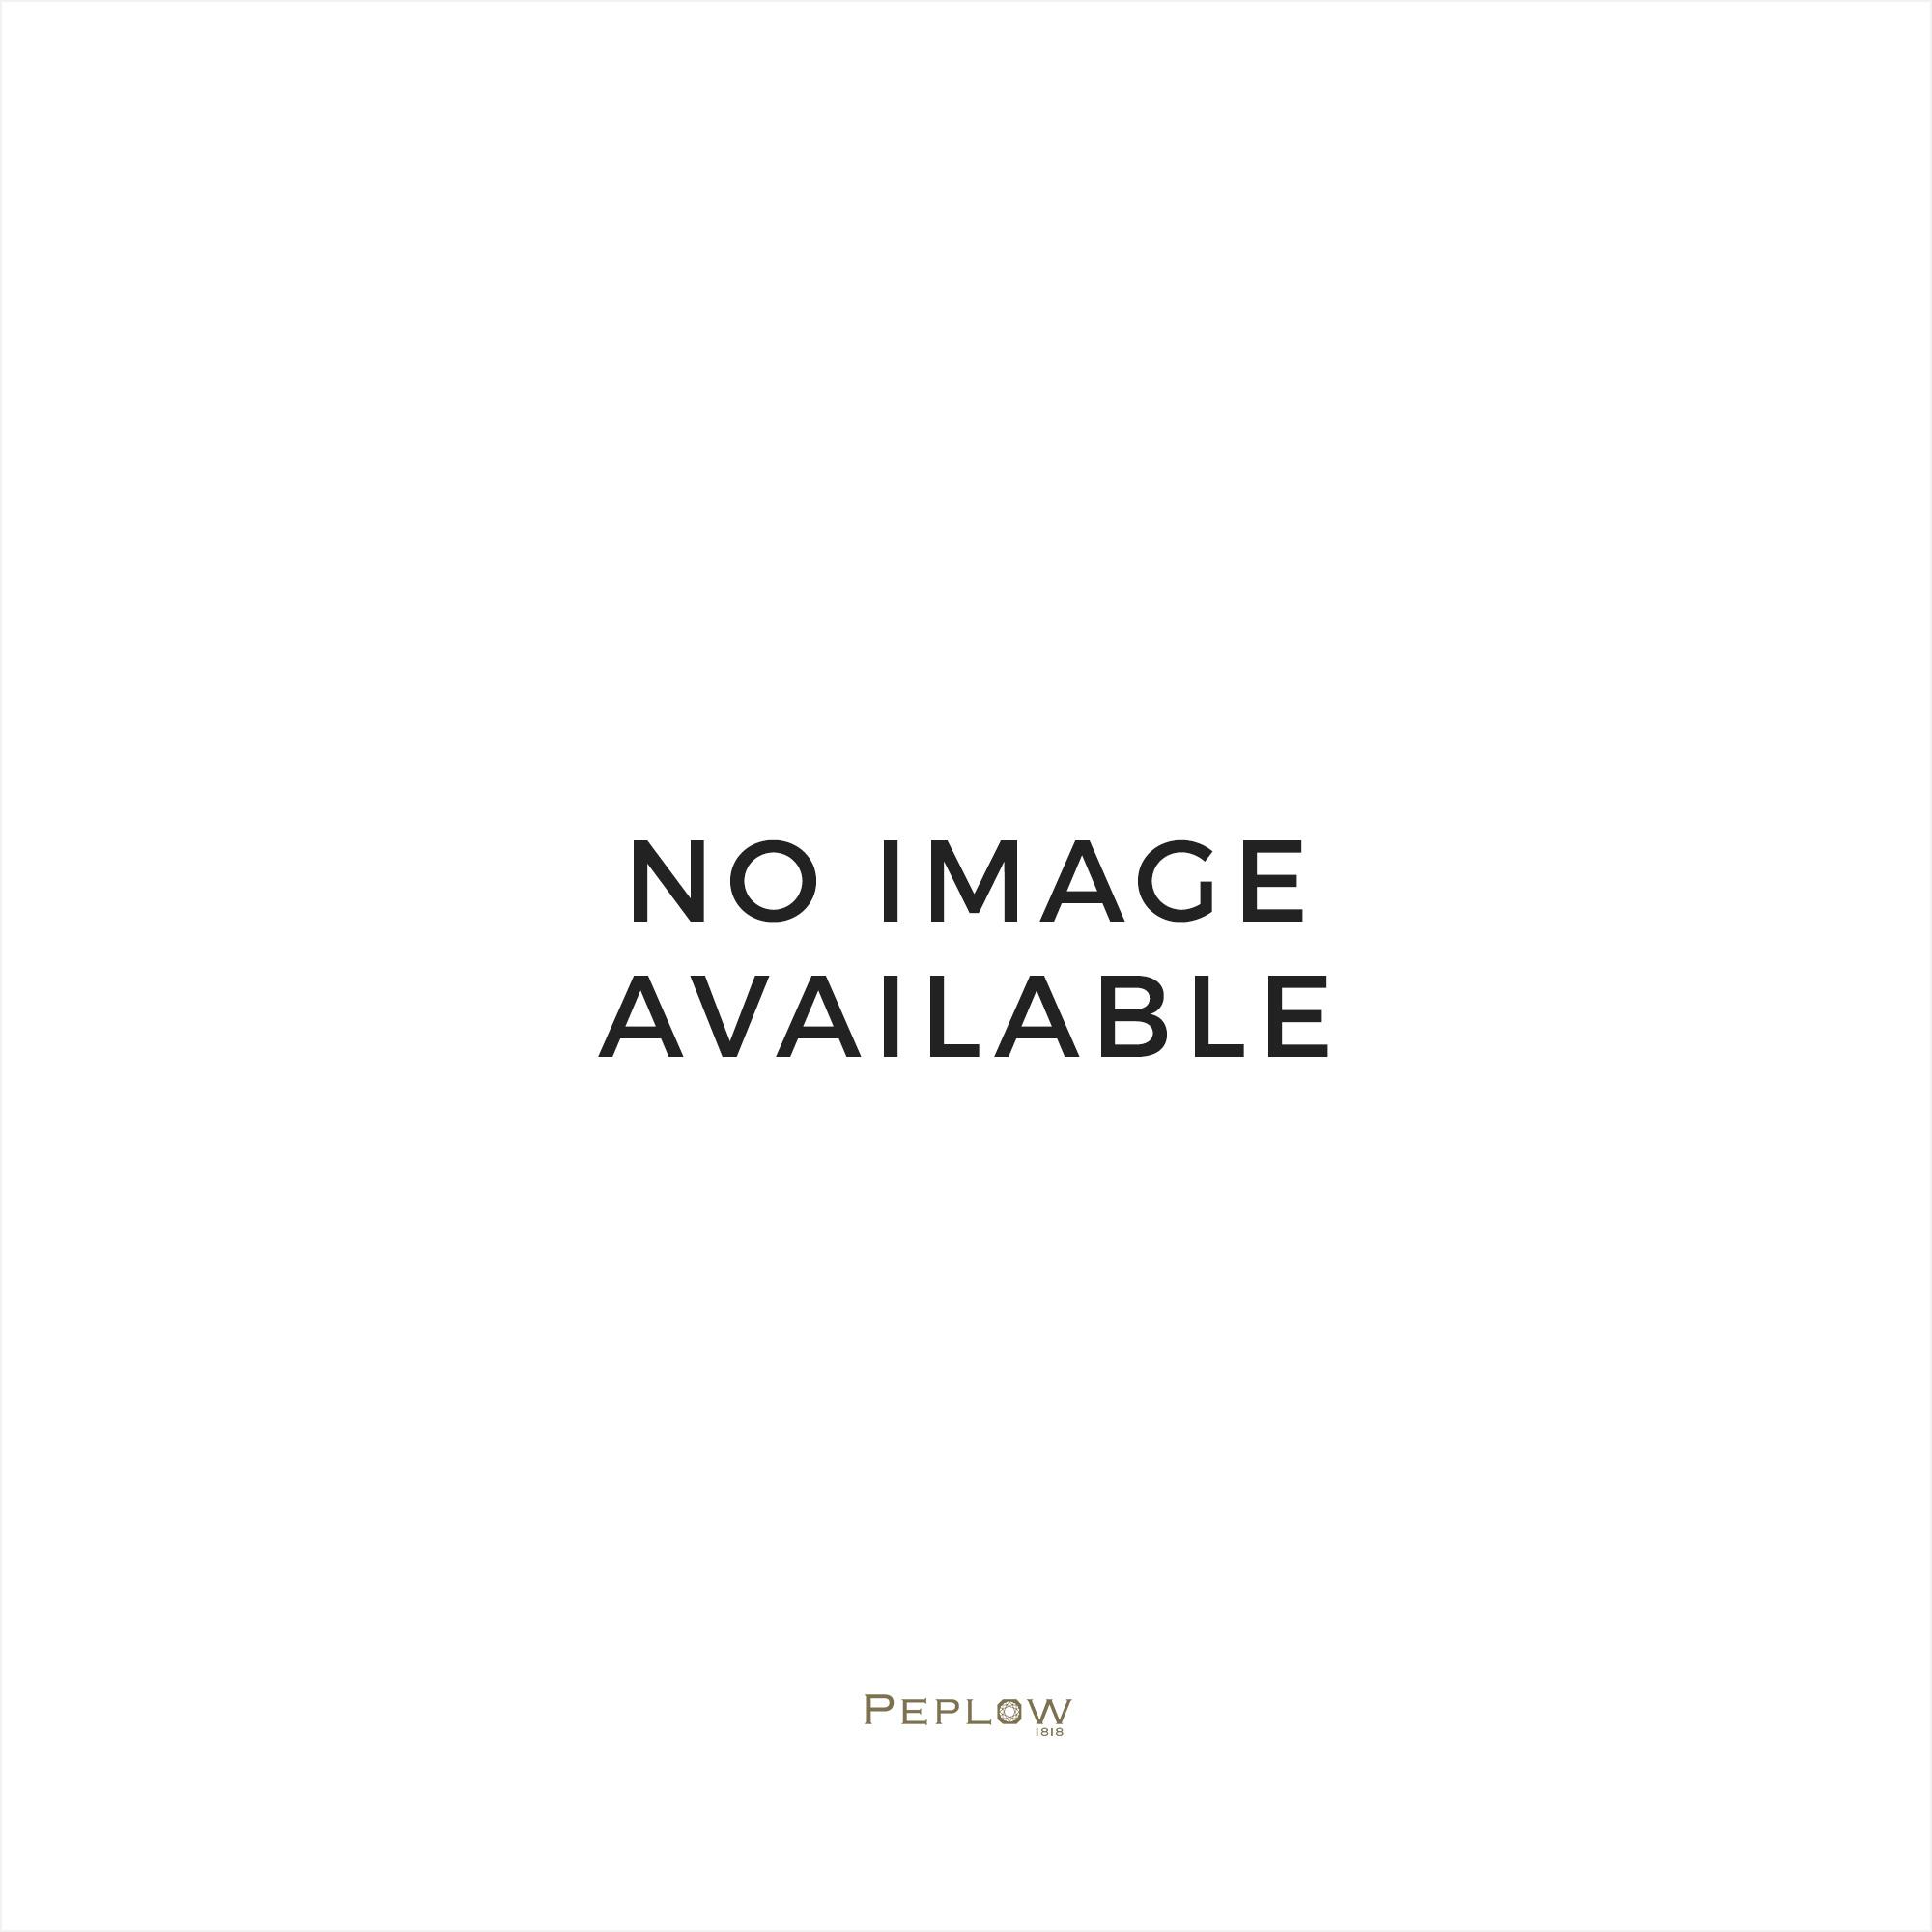 Ladies steel & rose Lorus quartz bracelet model, ref RJ298AX9